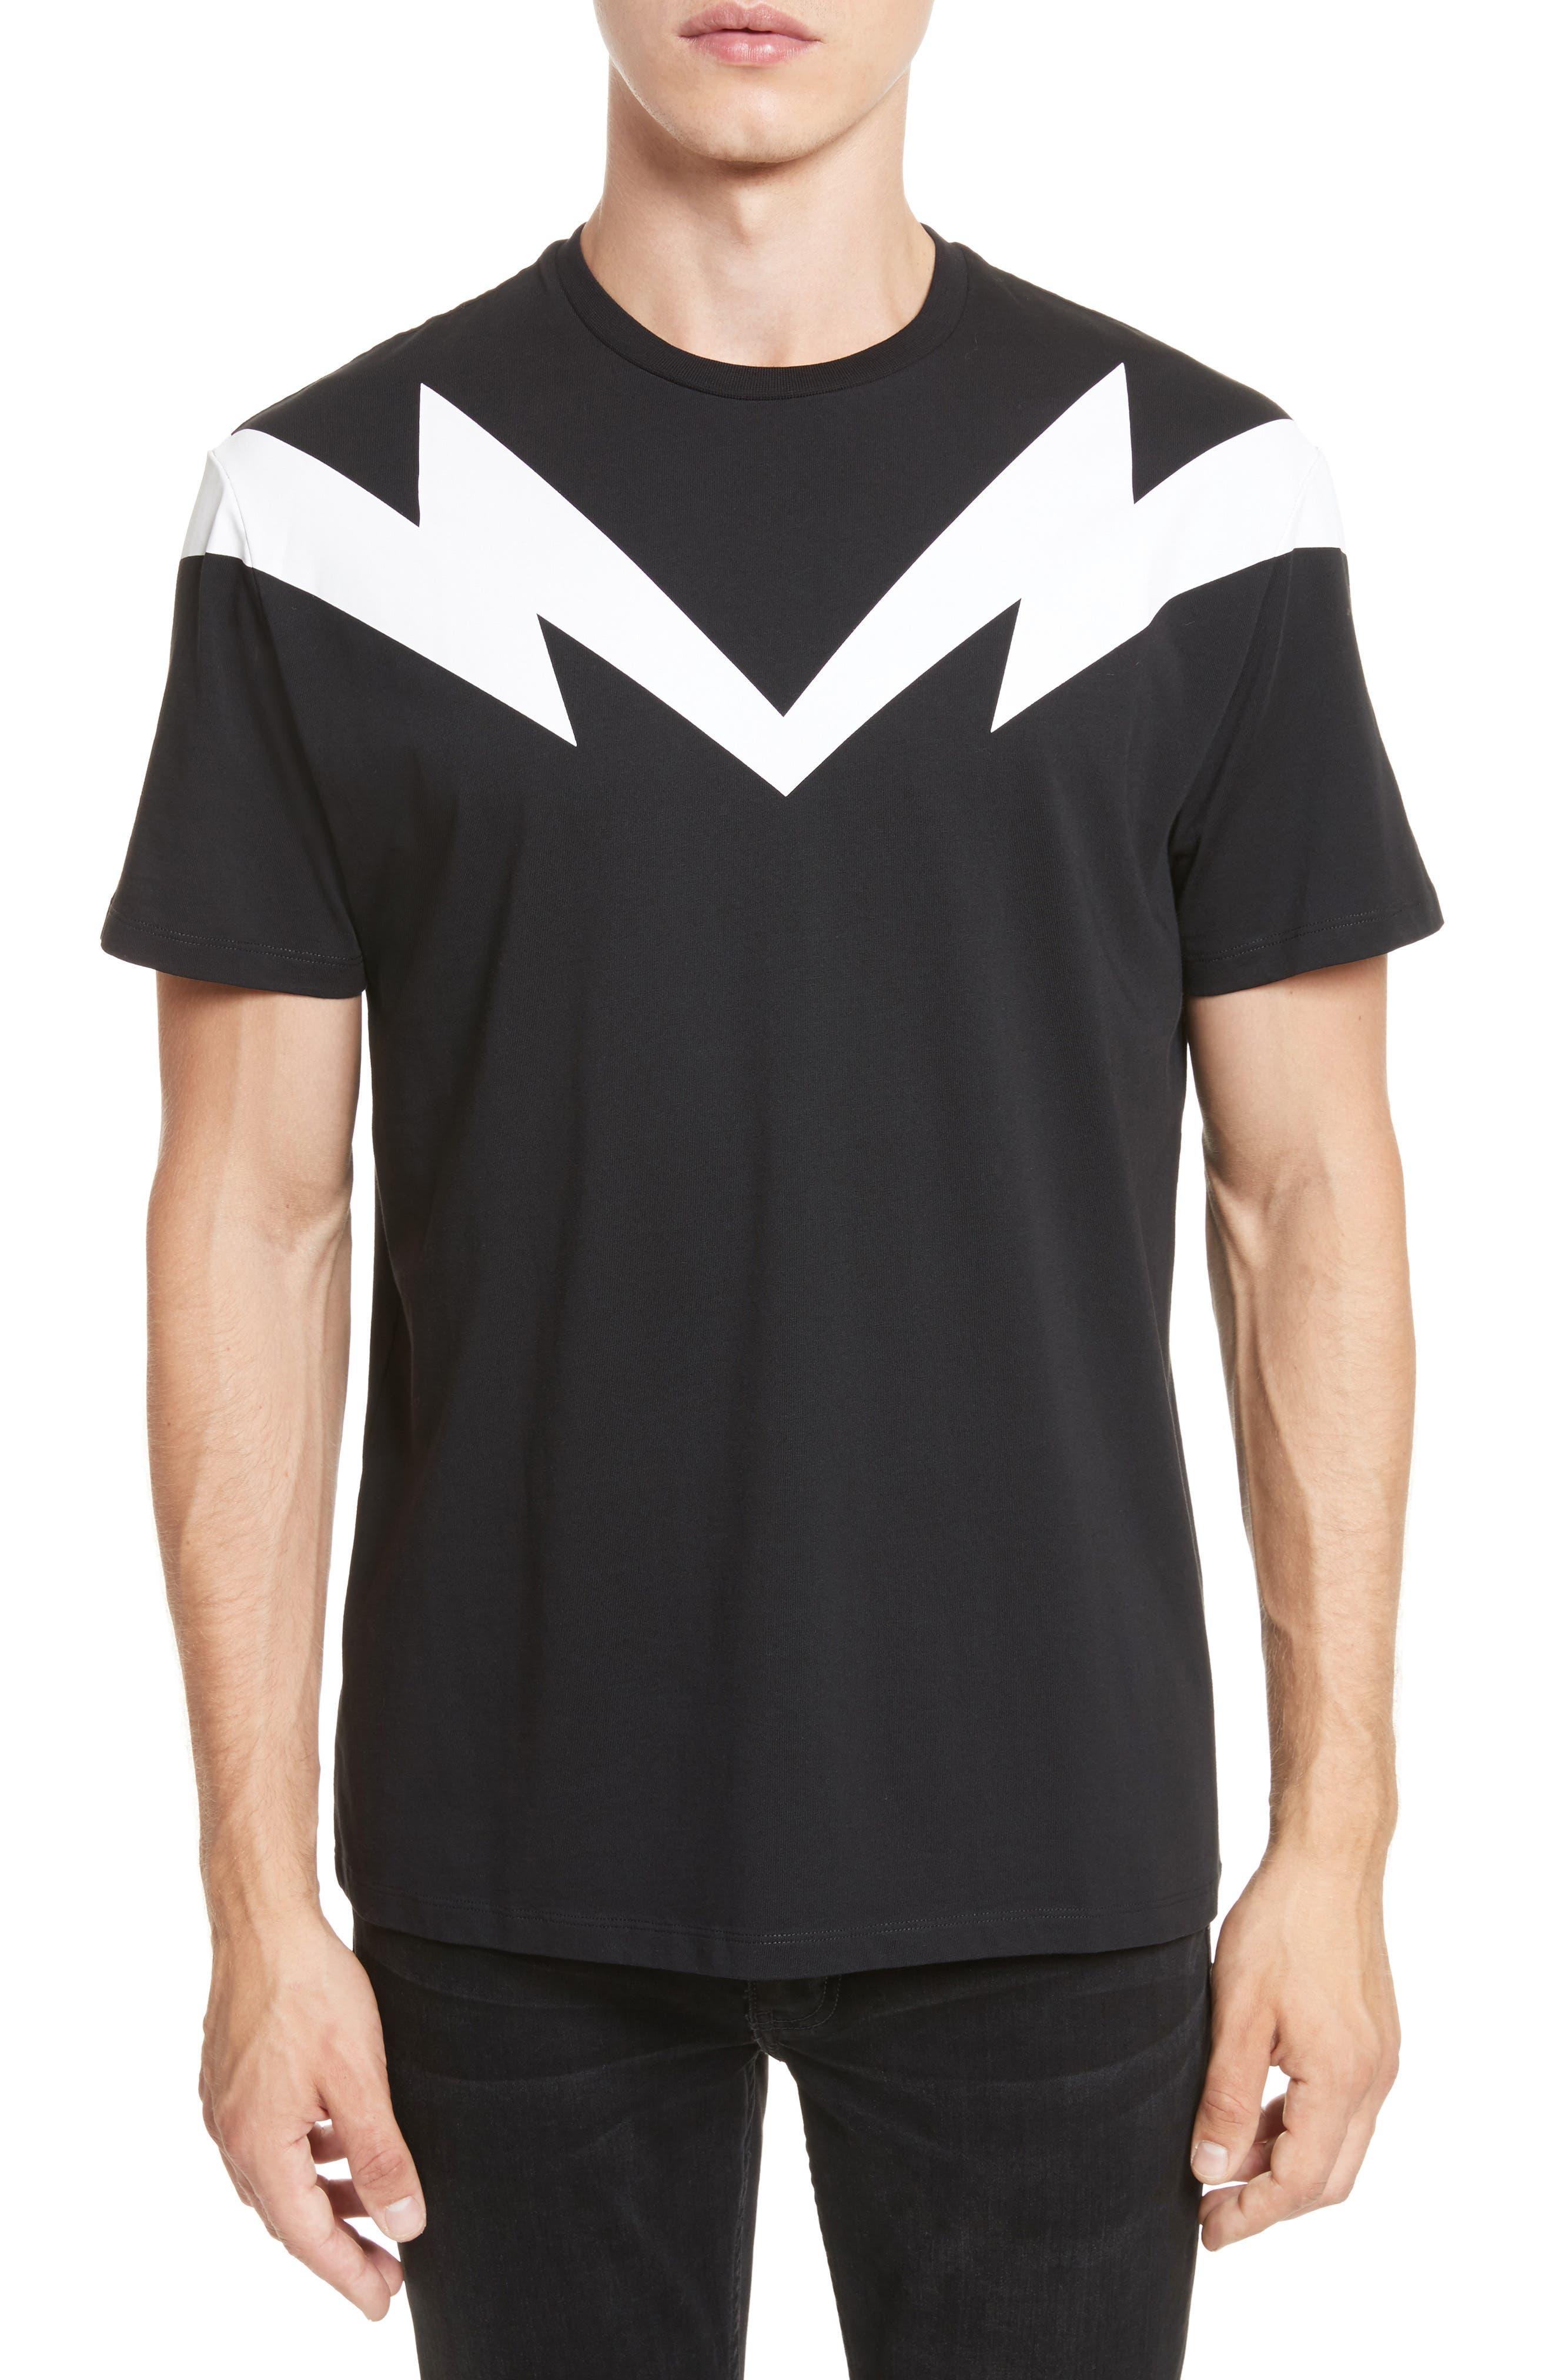 Neil Barrett Bolt to Bolt Graphic T-Shirt